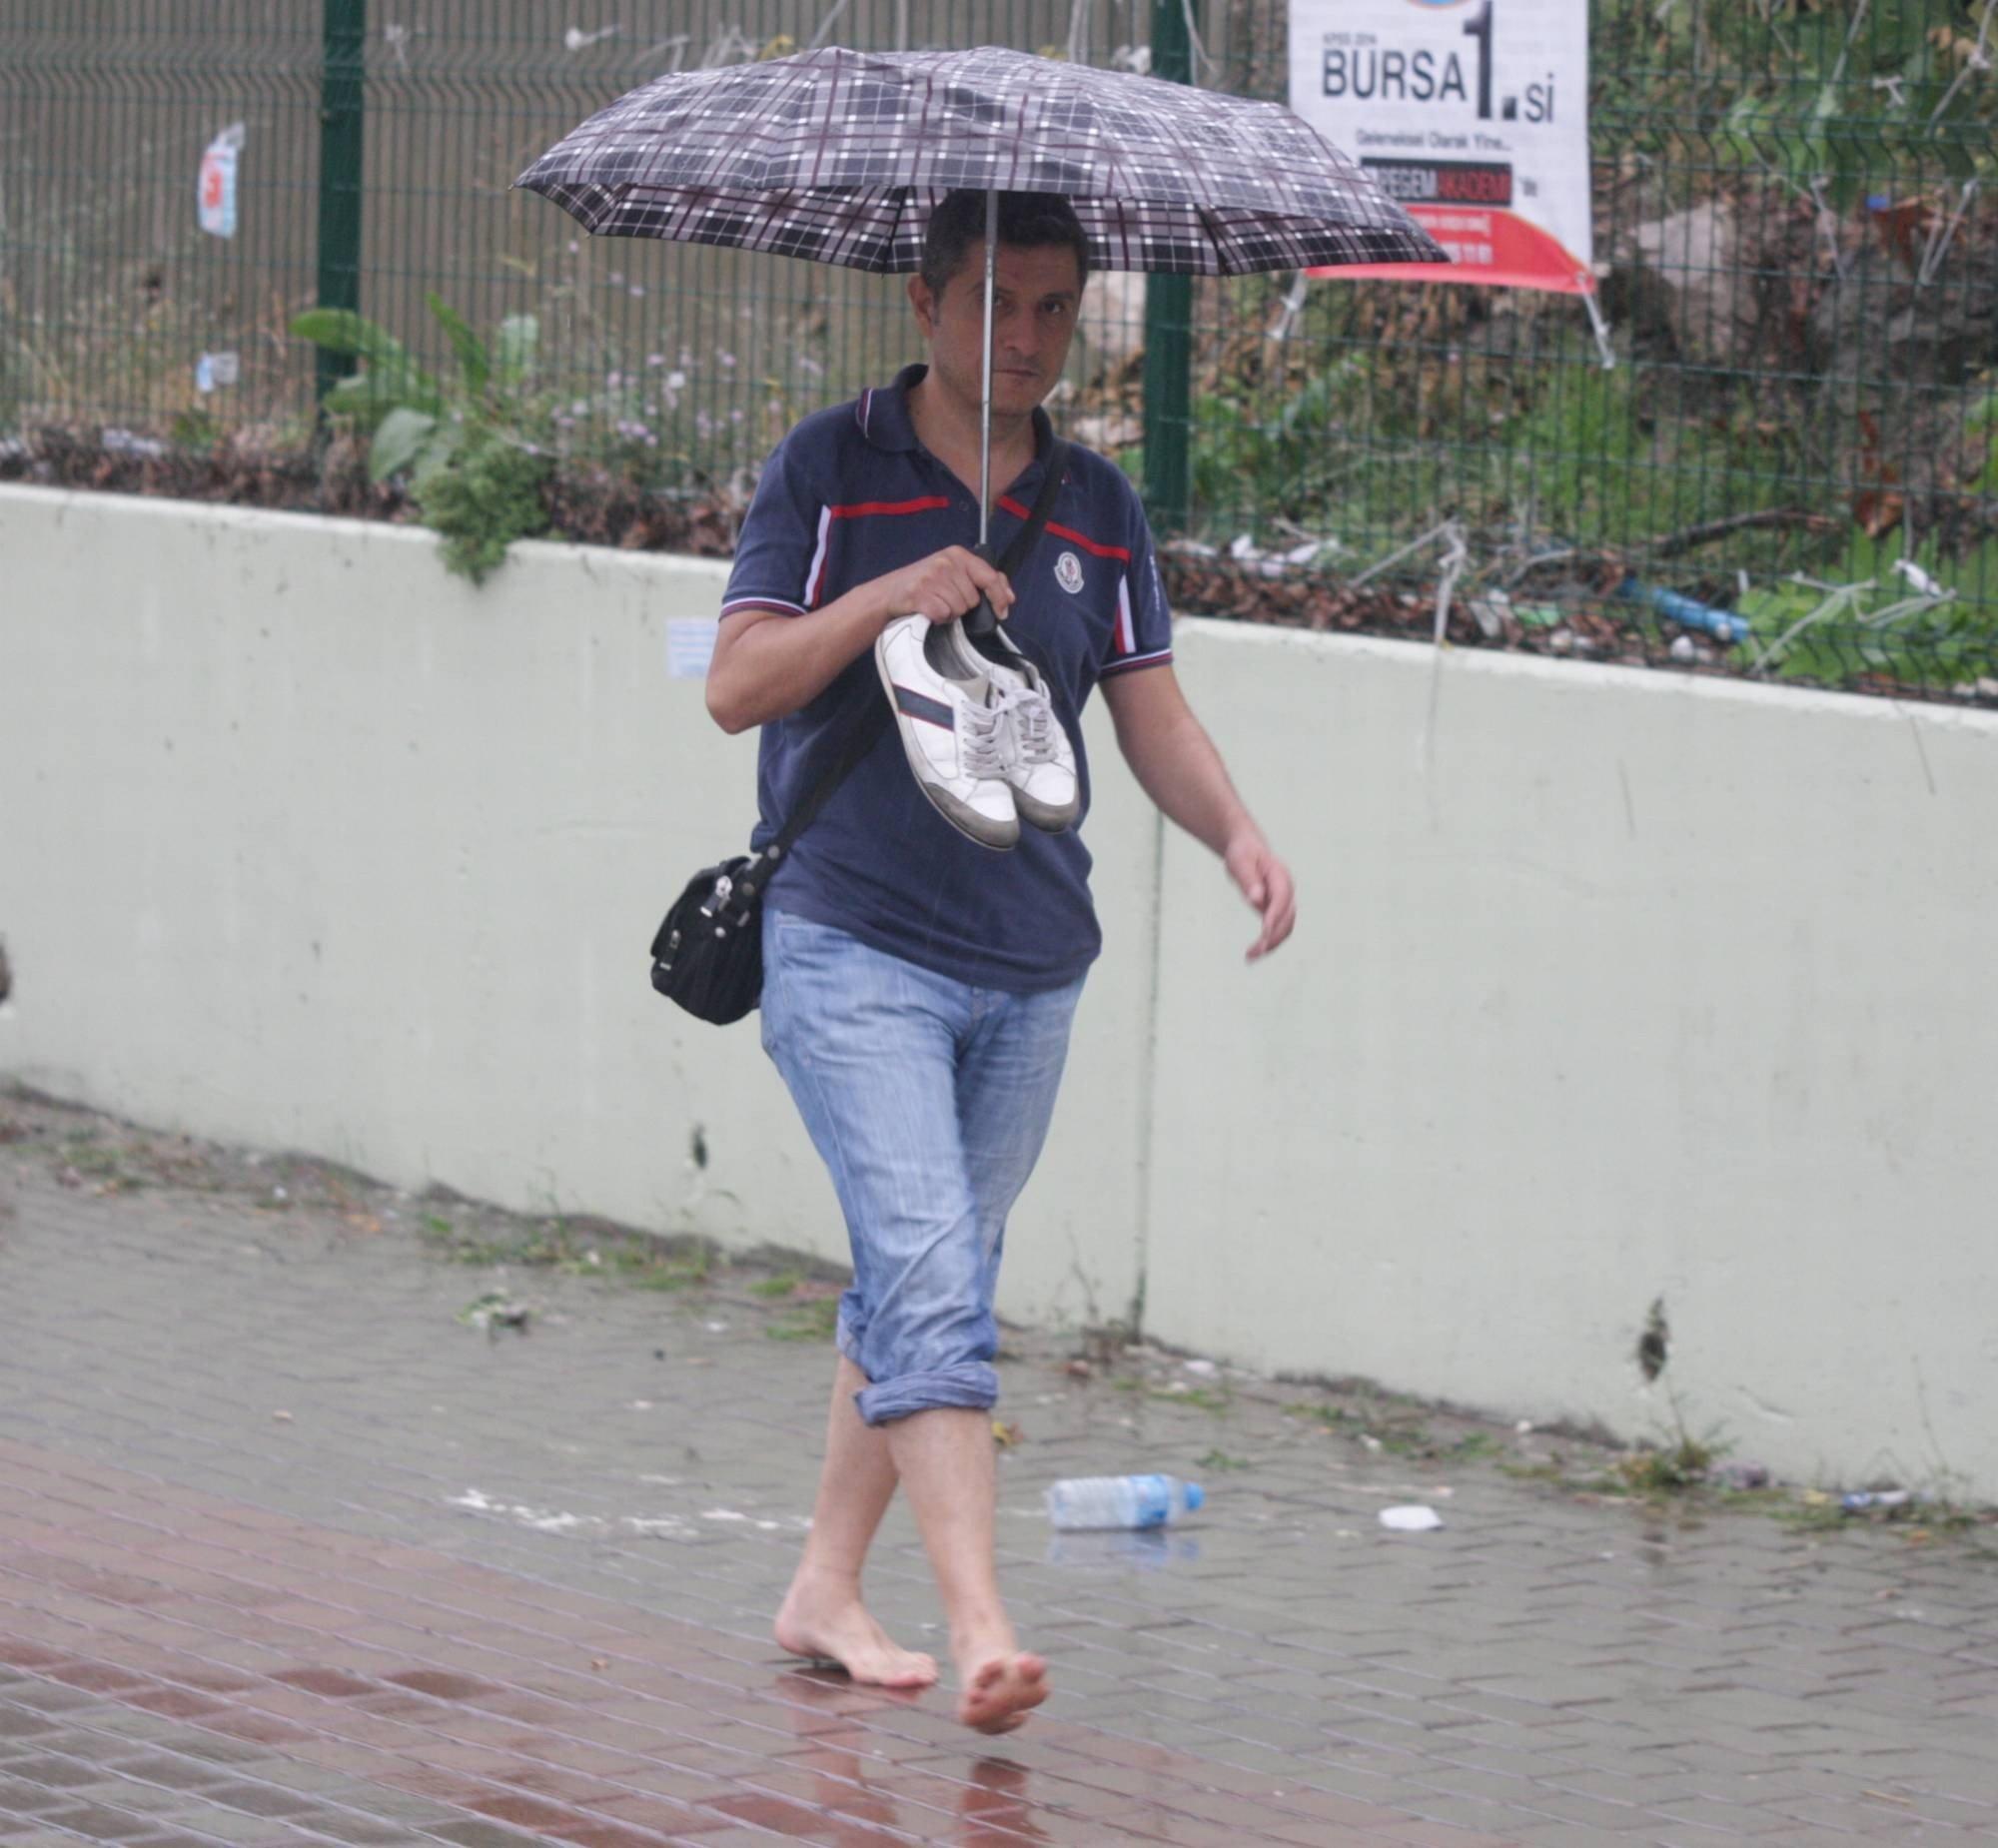 Bursa`da yağmur hayatı olumsuz etkiledi 11